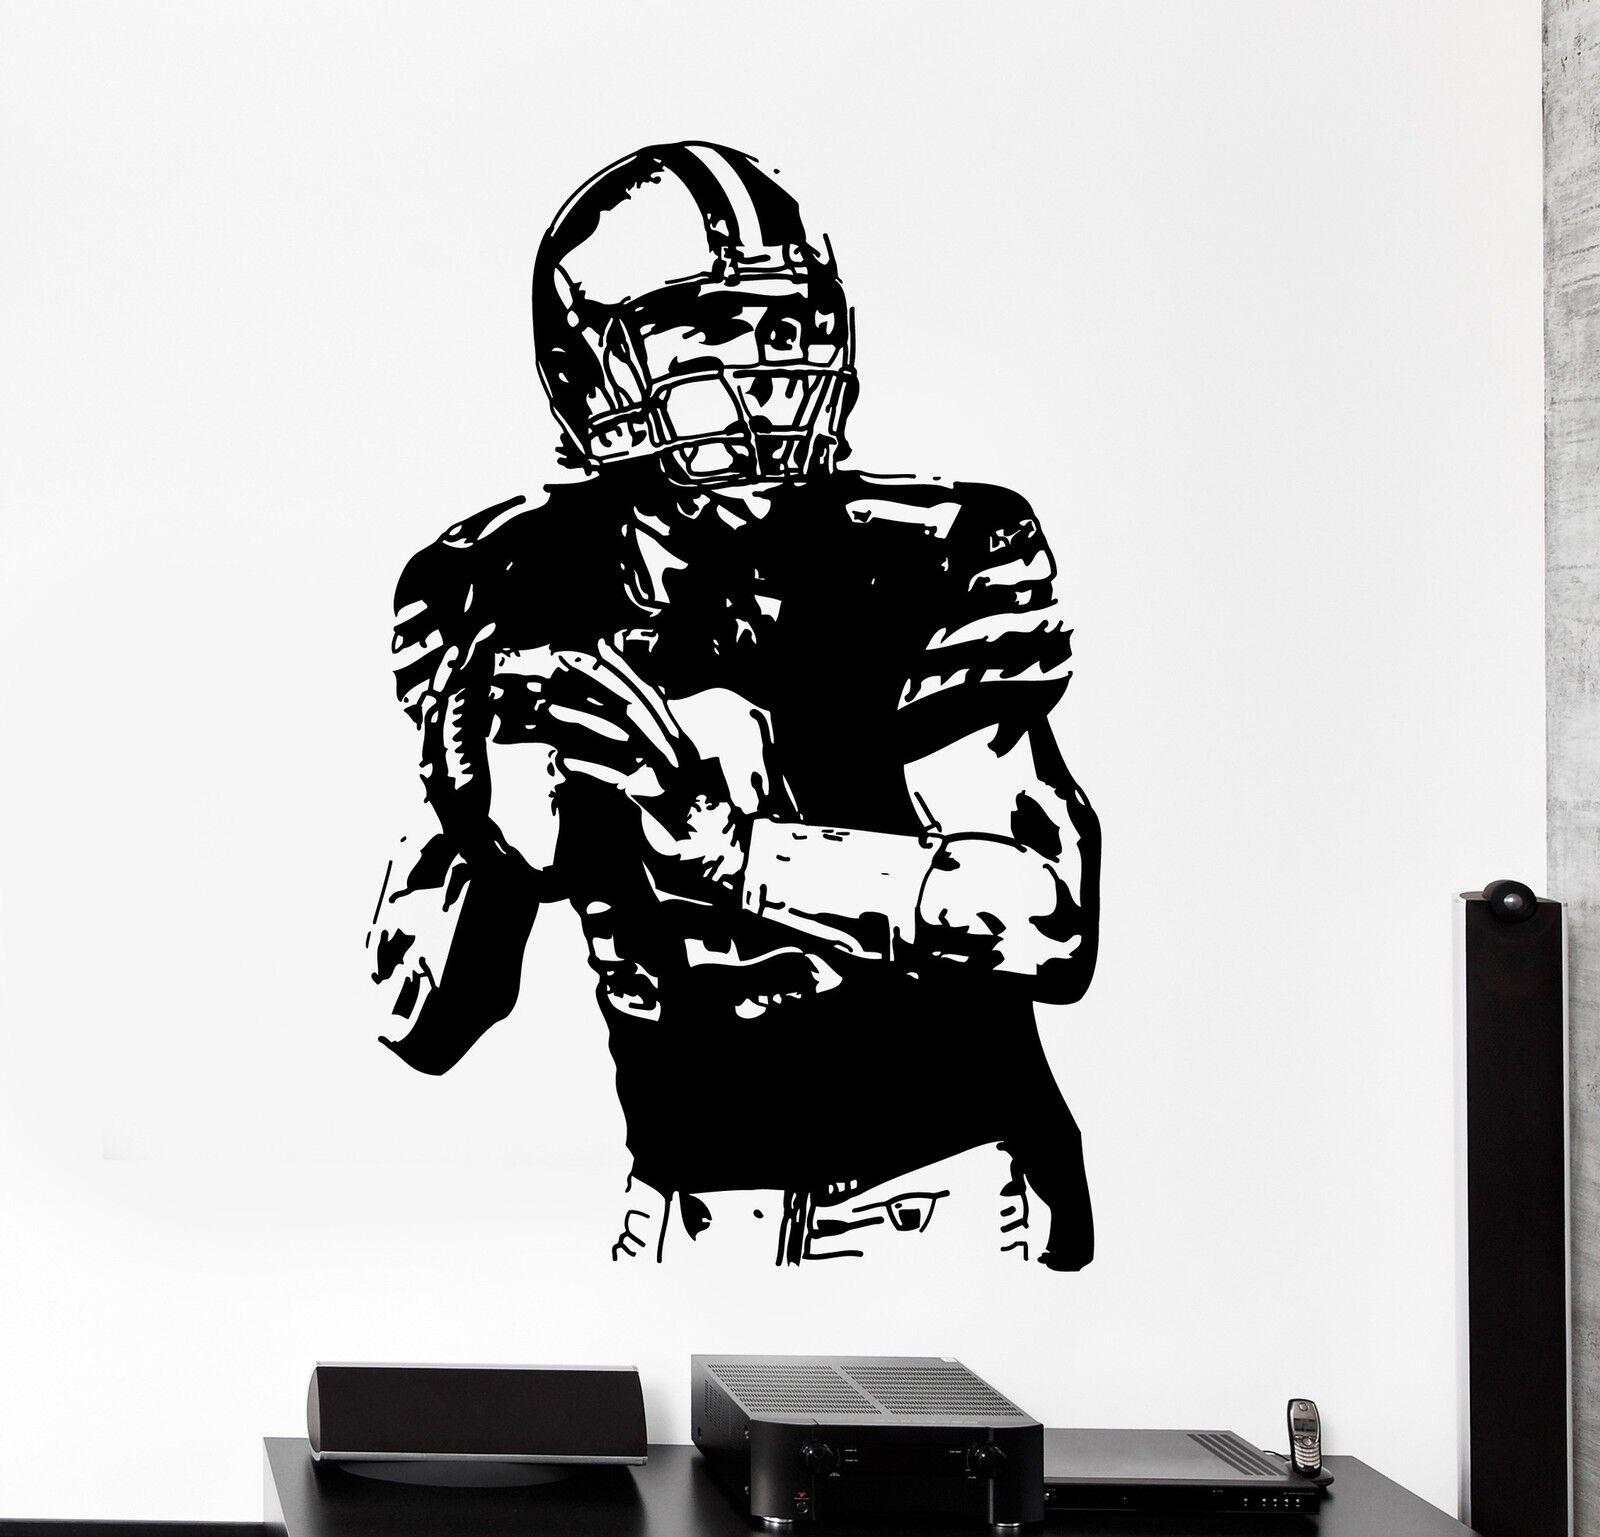 Wall Decal Football Football Football Player Sport Super Bowl Decor z3991 16d412